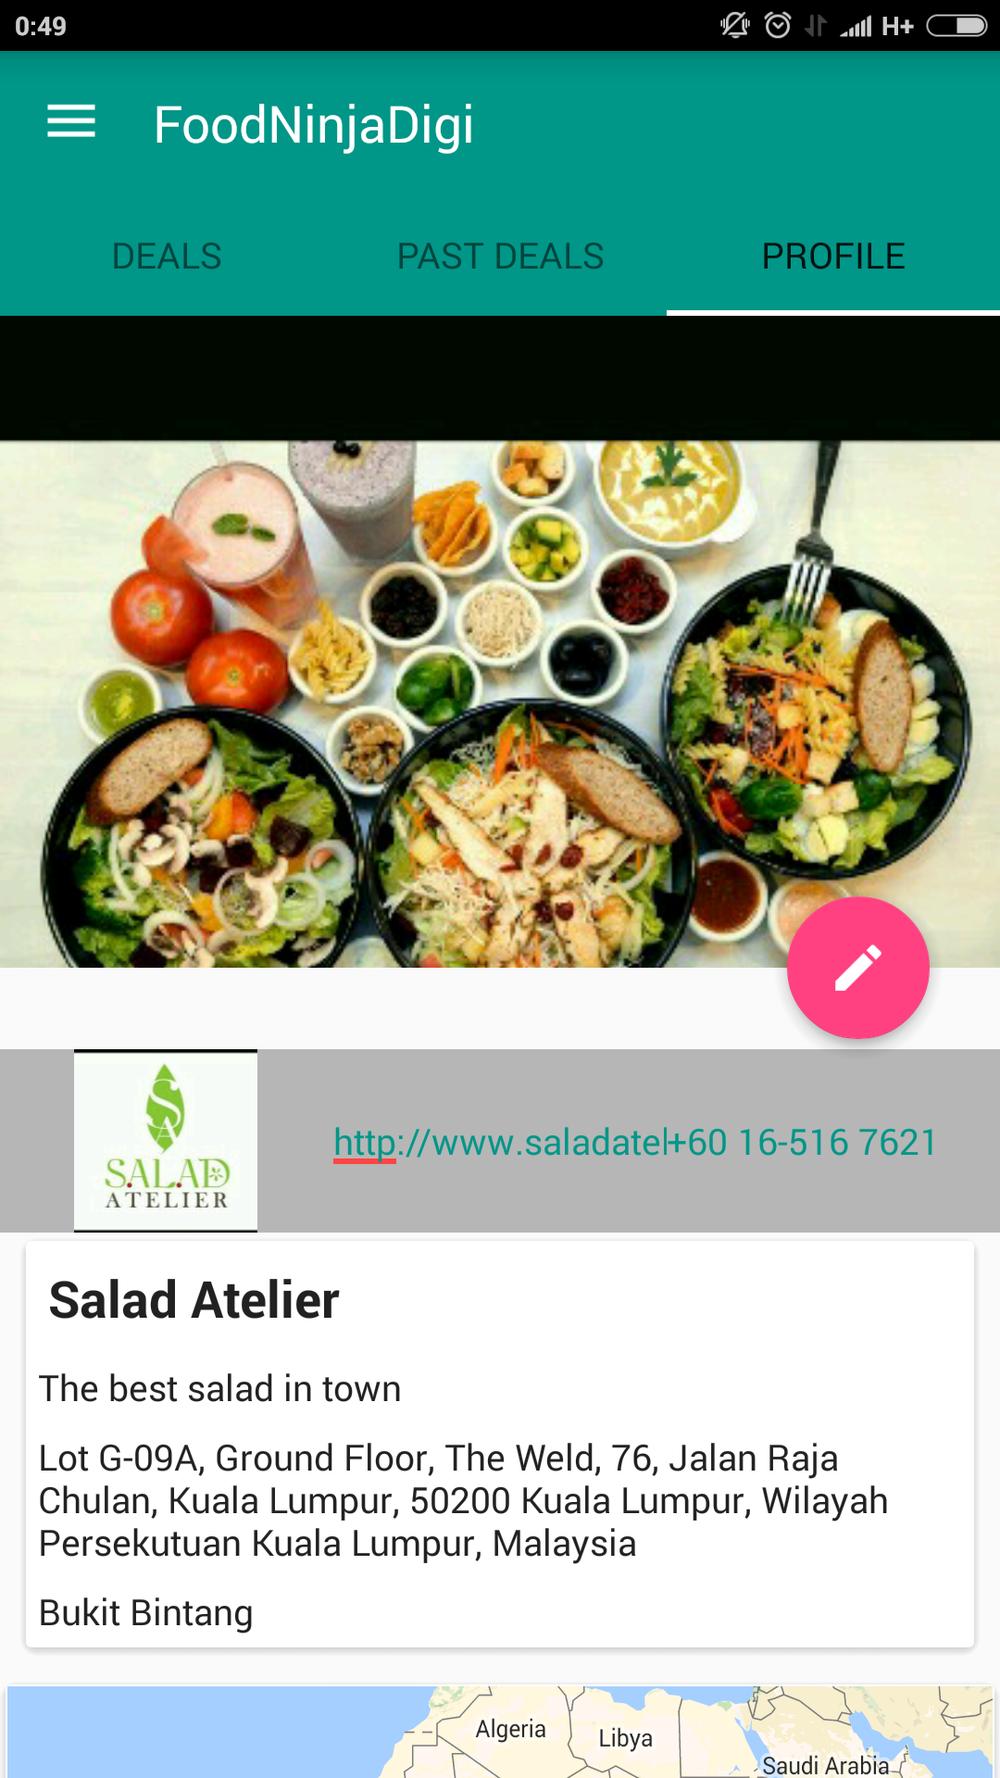 Screenshot_2016-10-20-00-49-26_qjk.qamra.fndigi.foodninjadigi.png